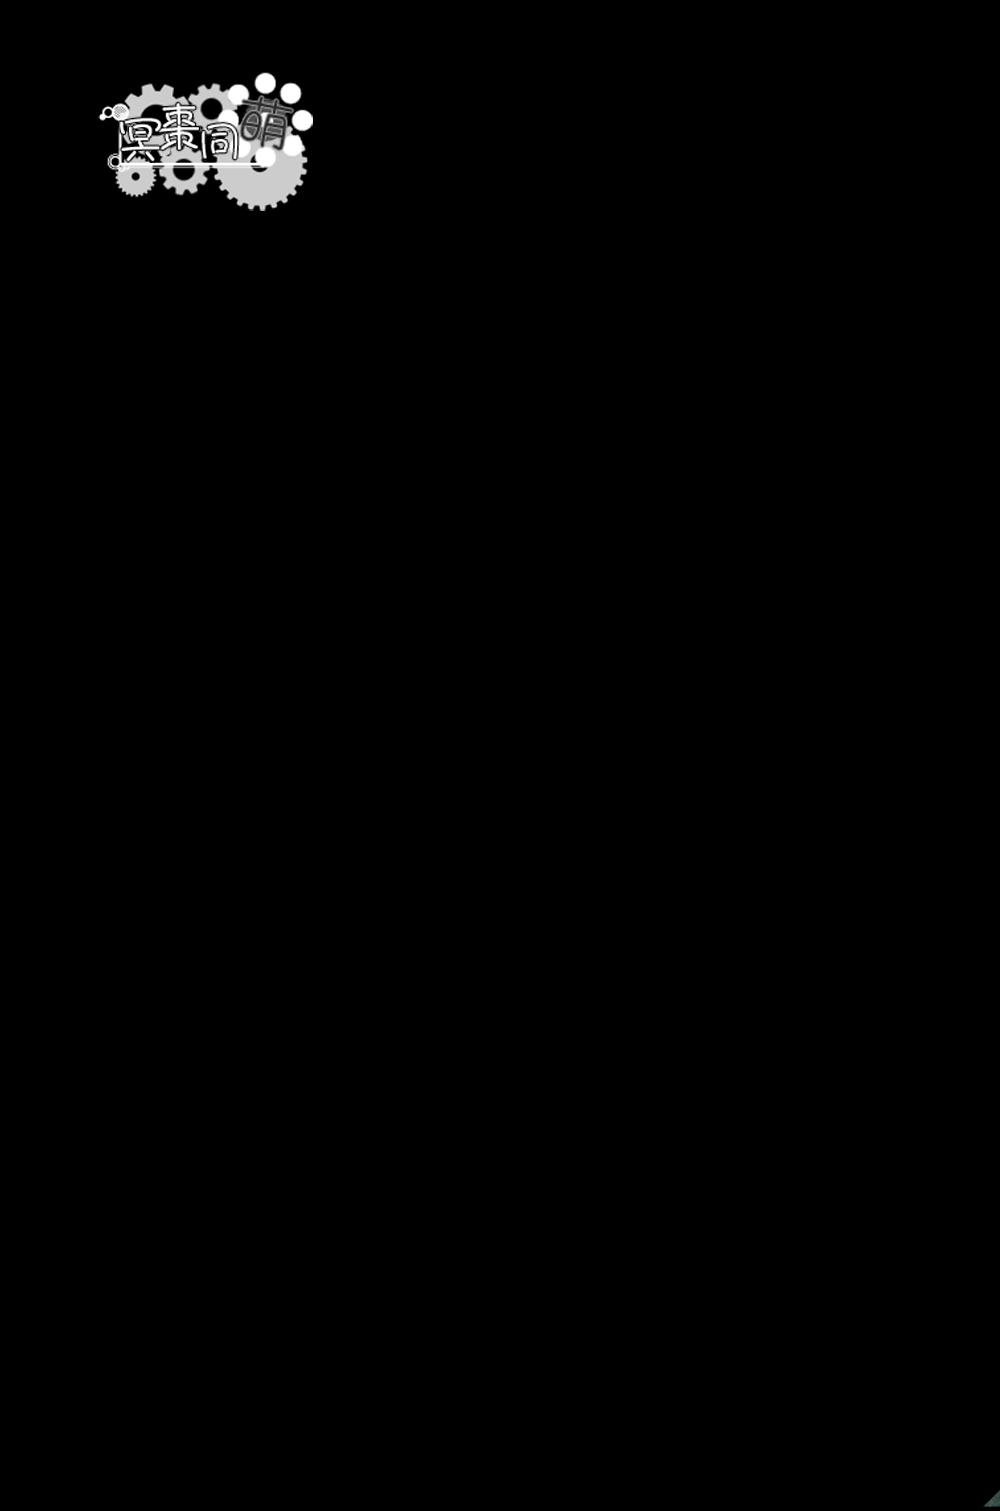 ズタボロジック 29